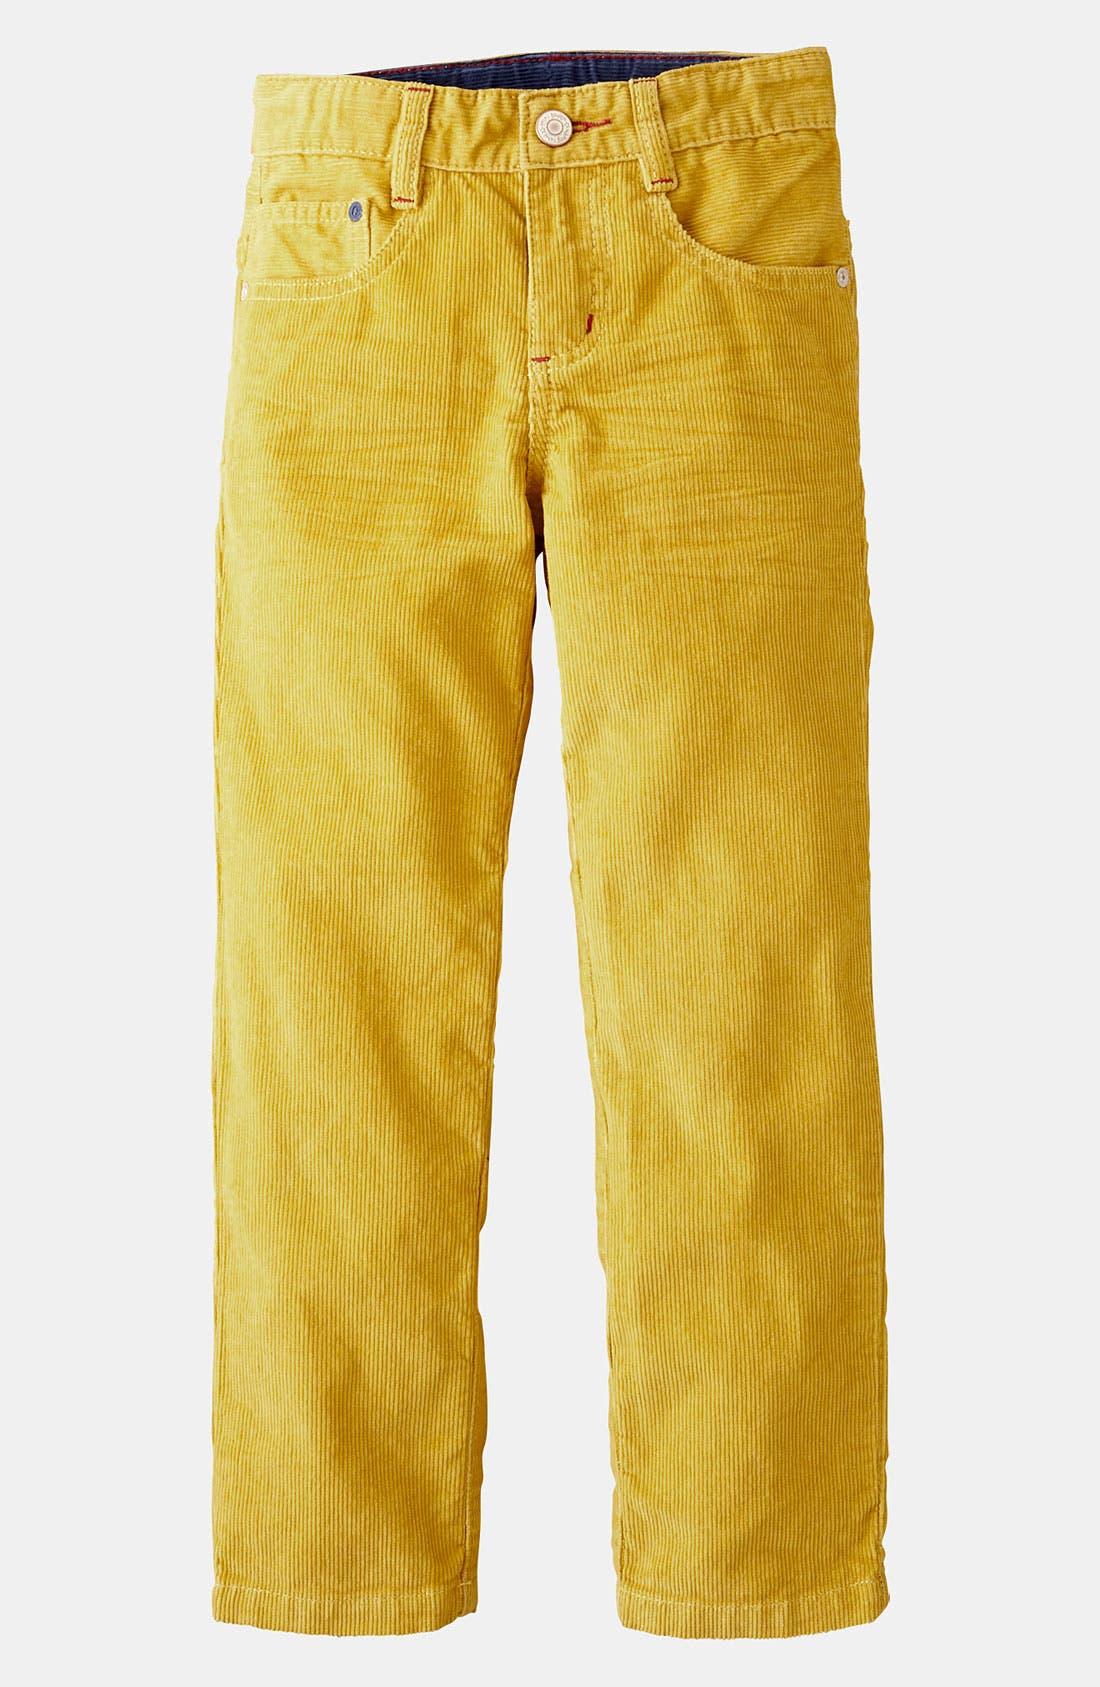 'Preppy' Slim Corduroy Pants,                             Main thumbnail 3, color,